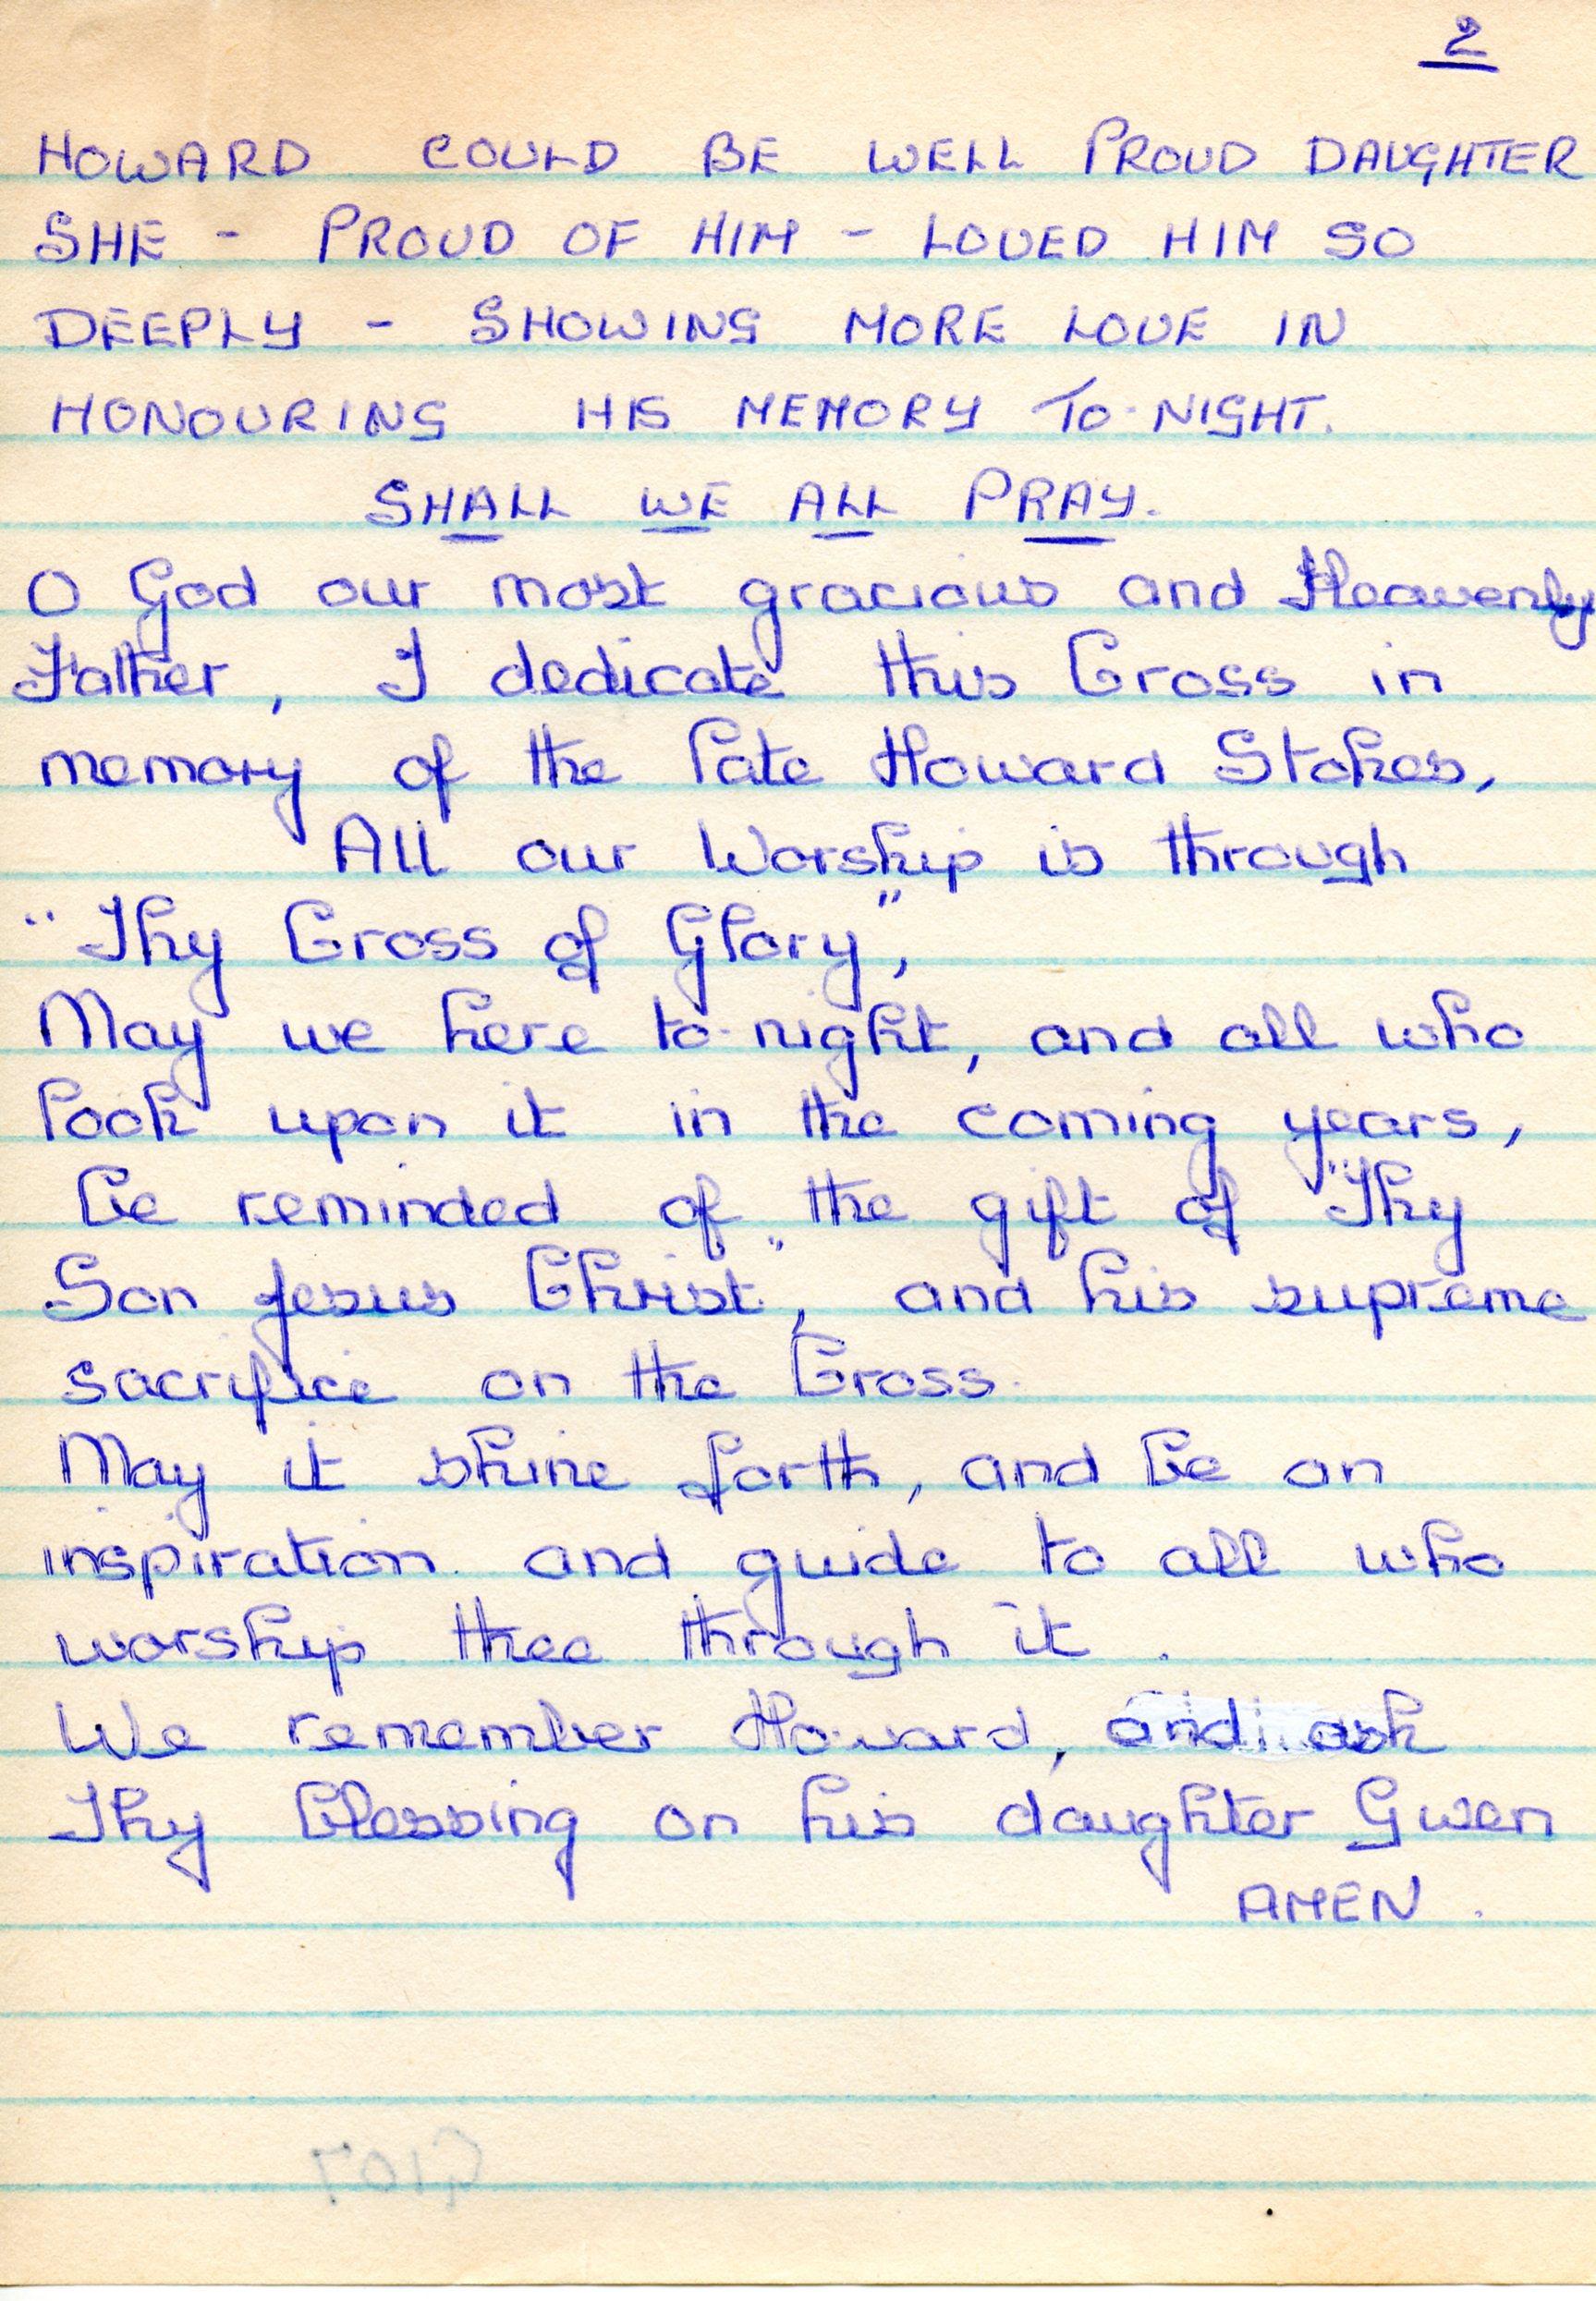 G106b_Howard-Stokes[notes]